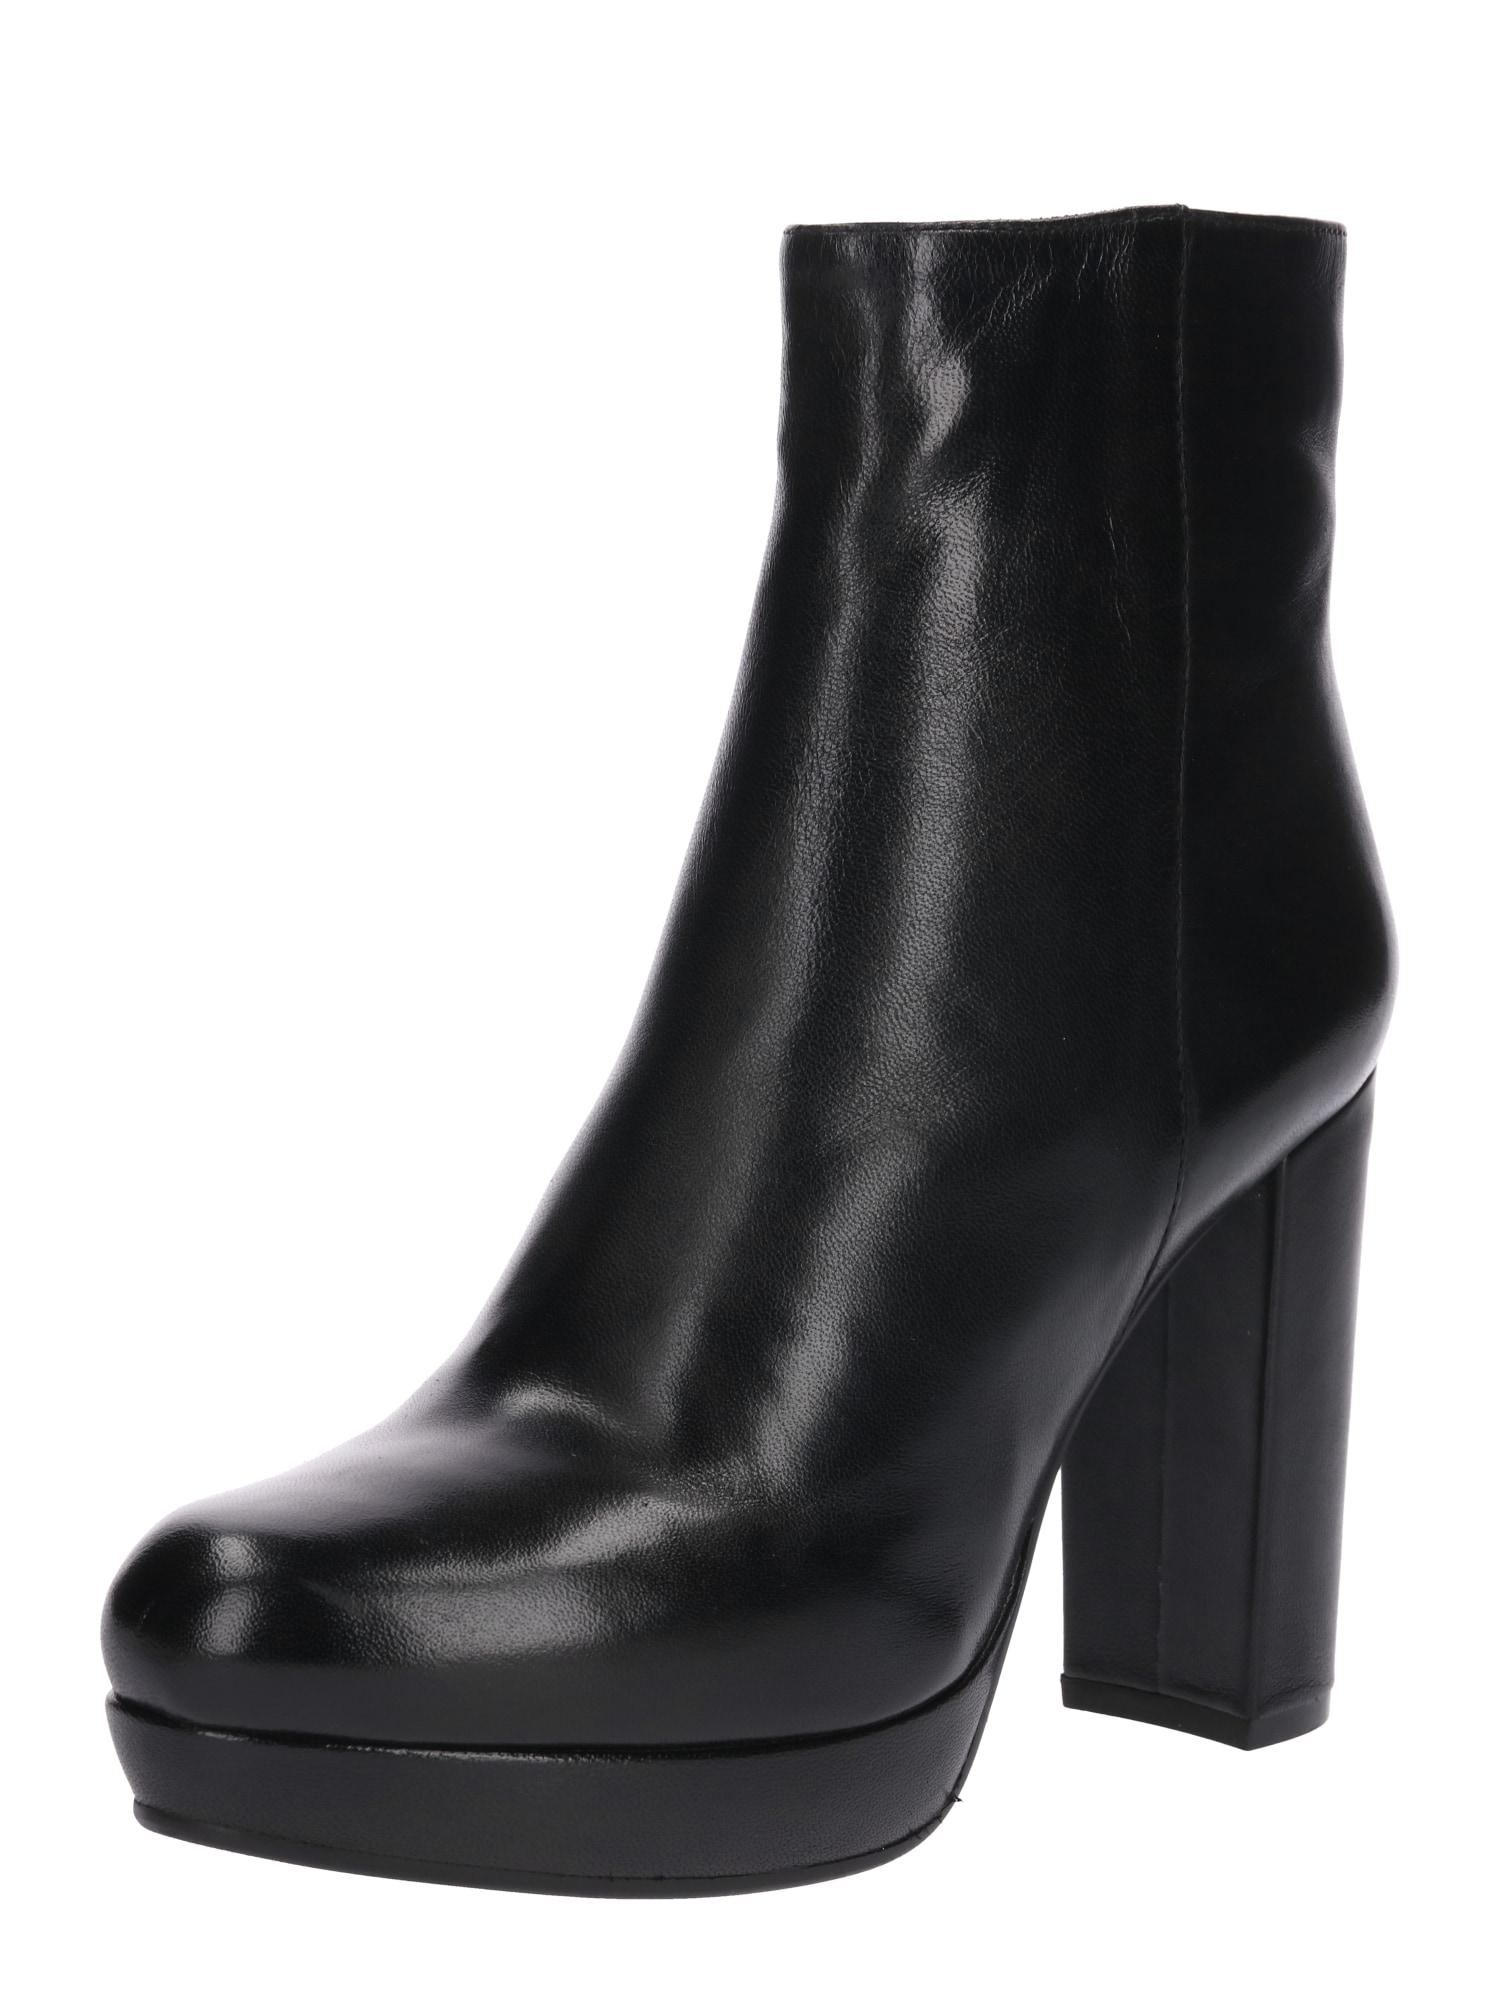 Kotníkové boty Nanpurl černá SPM